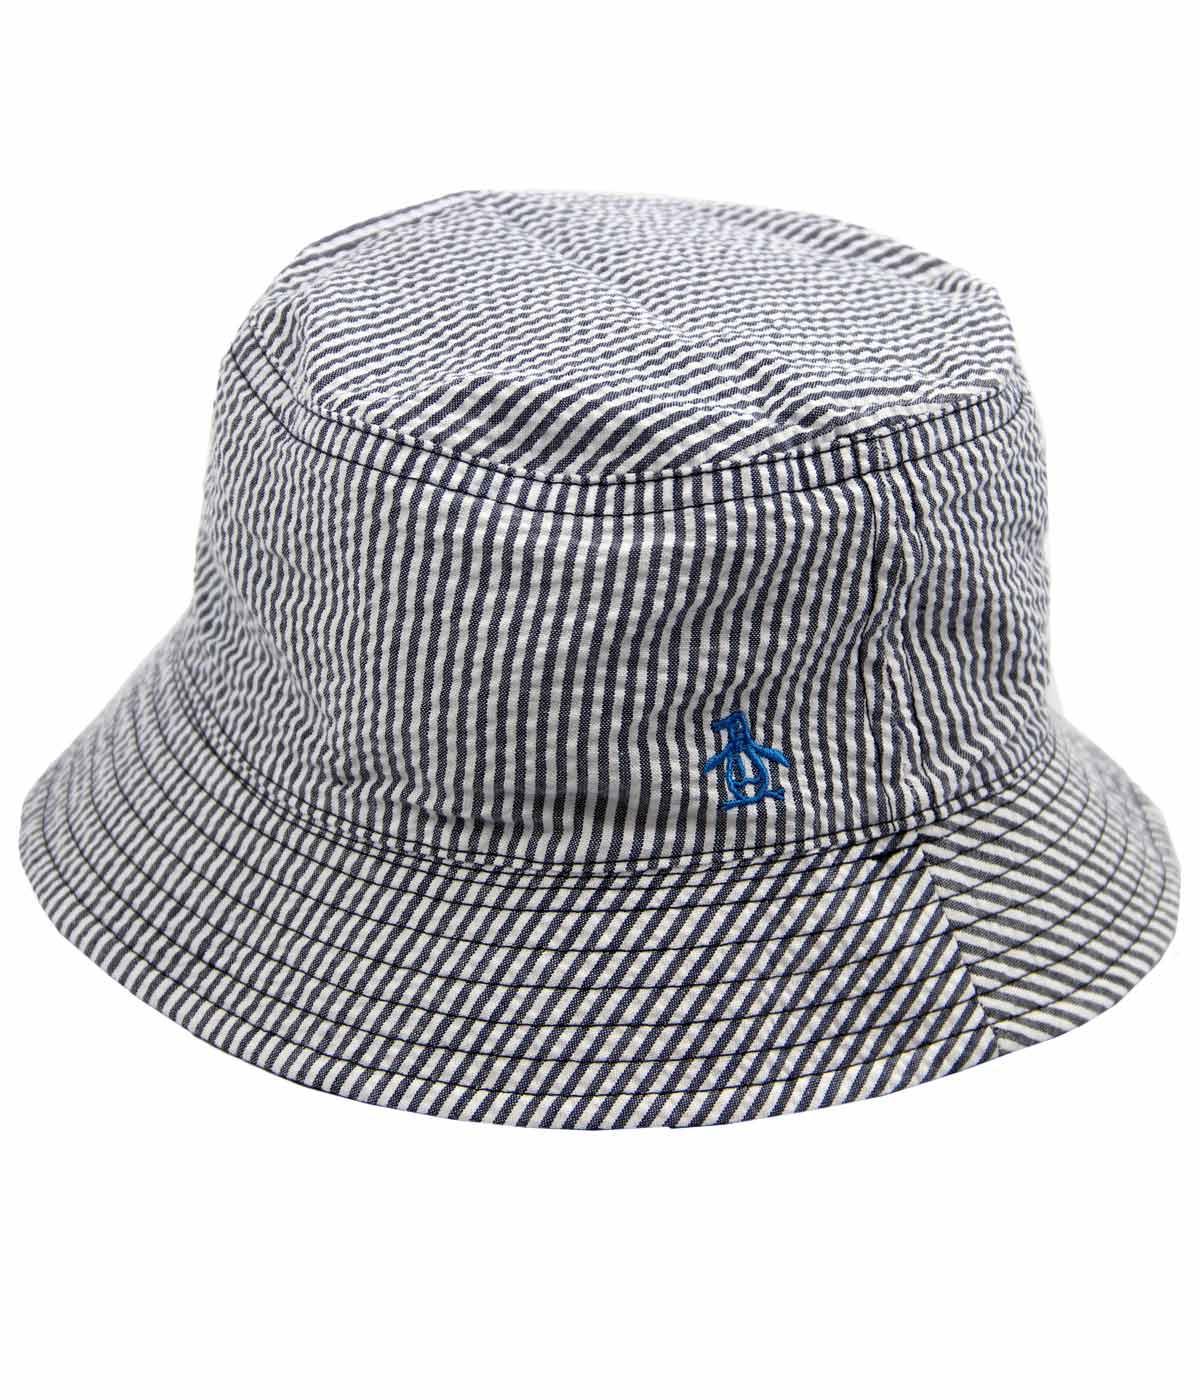 443dcd7e1 ORIGINAL PENGUIN 90s Indie Seersucker Reversible Bucket Hat Blue